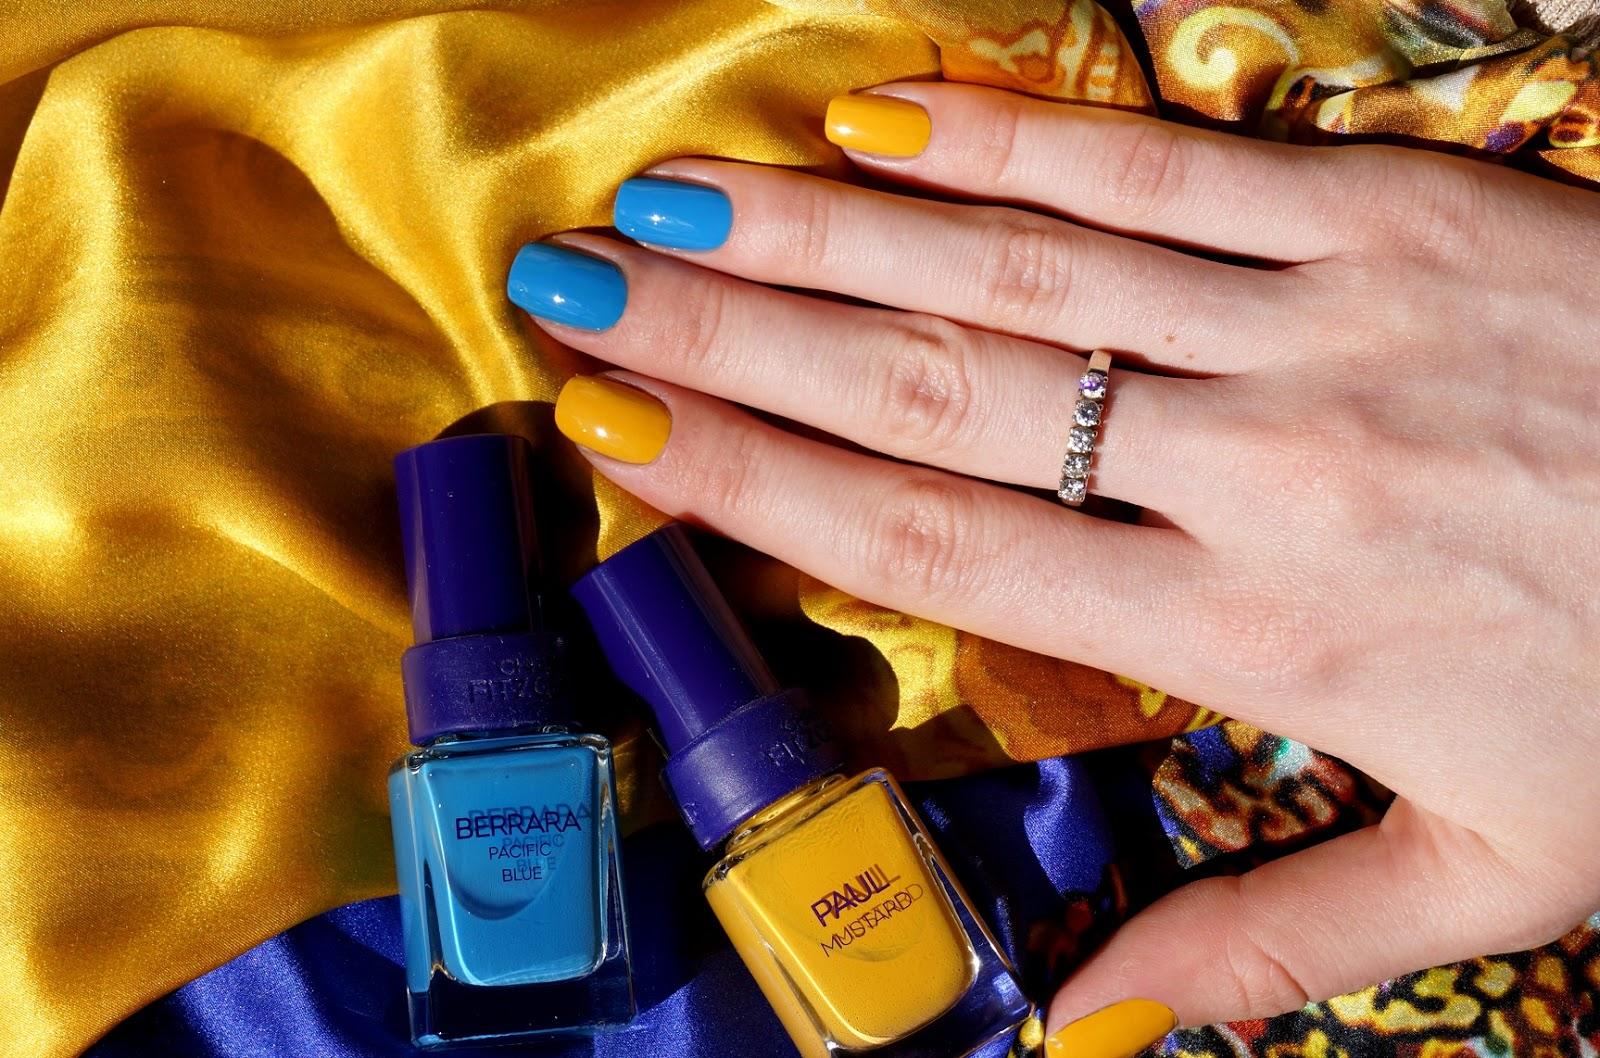 Сочетание цветов лака для ногтей желтый